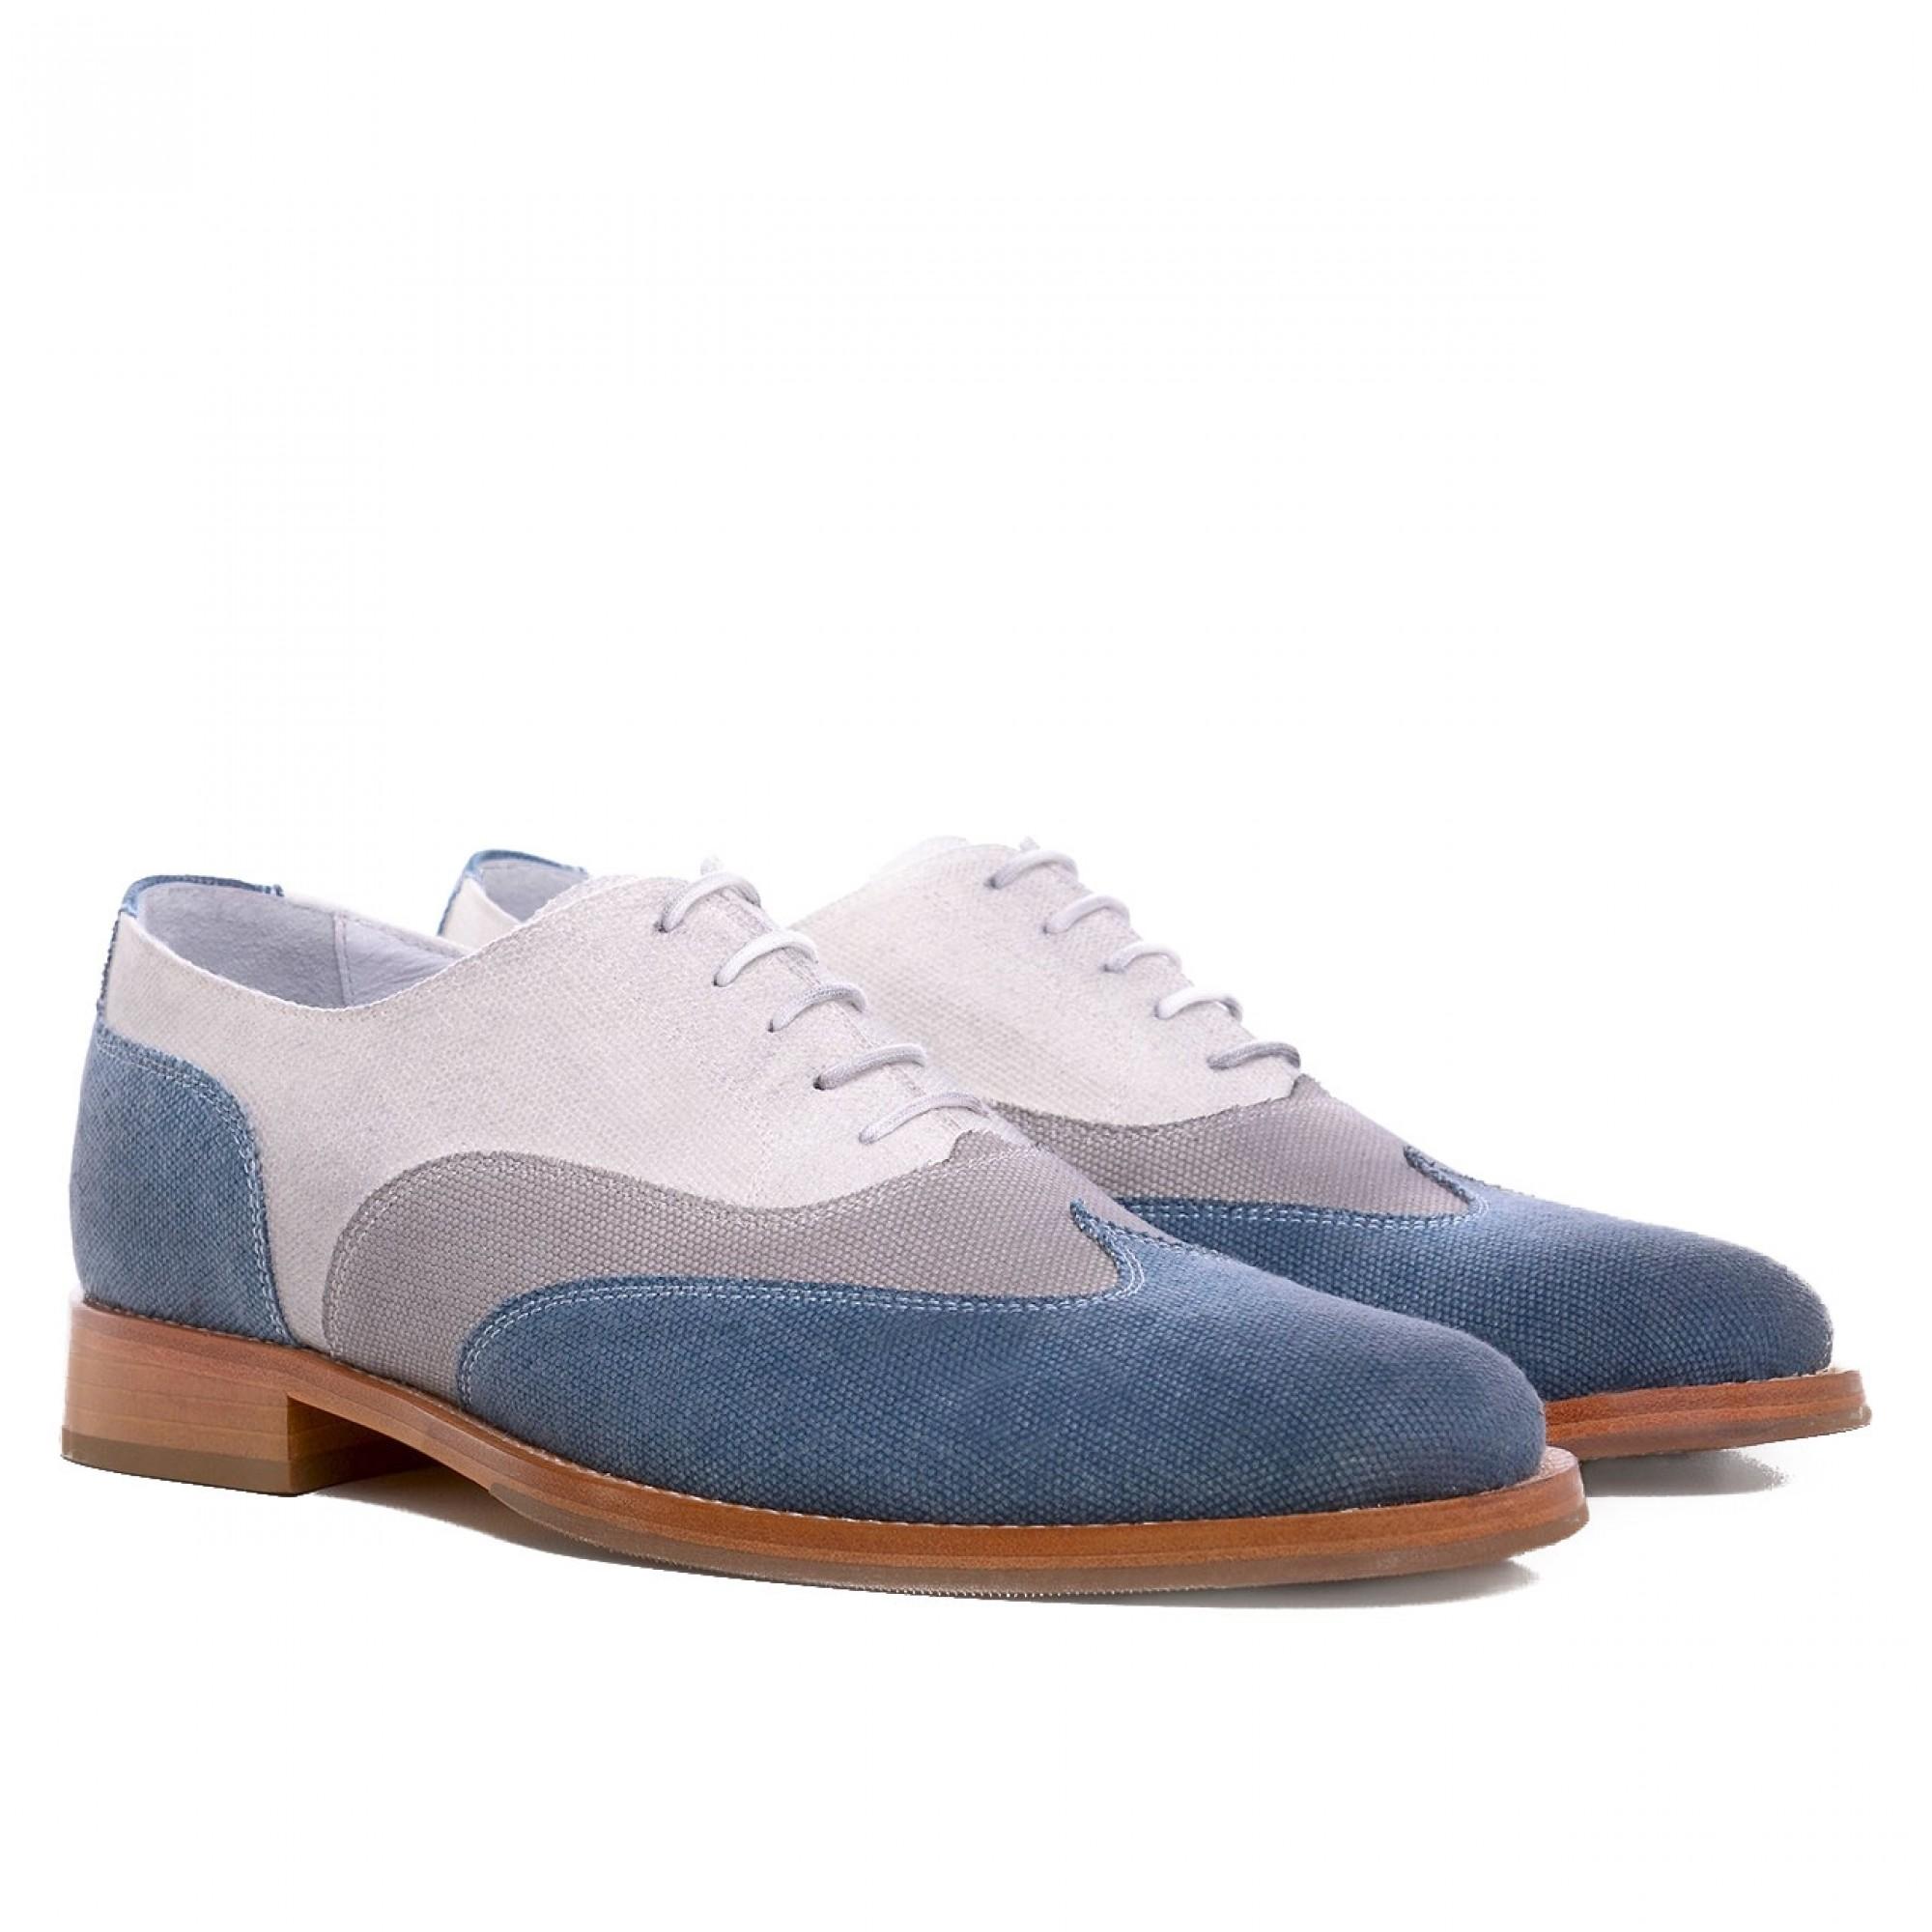 elavator shoes